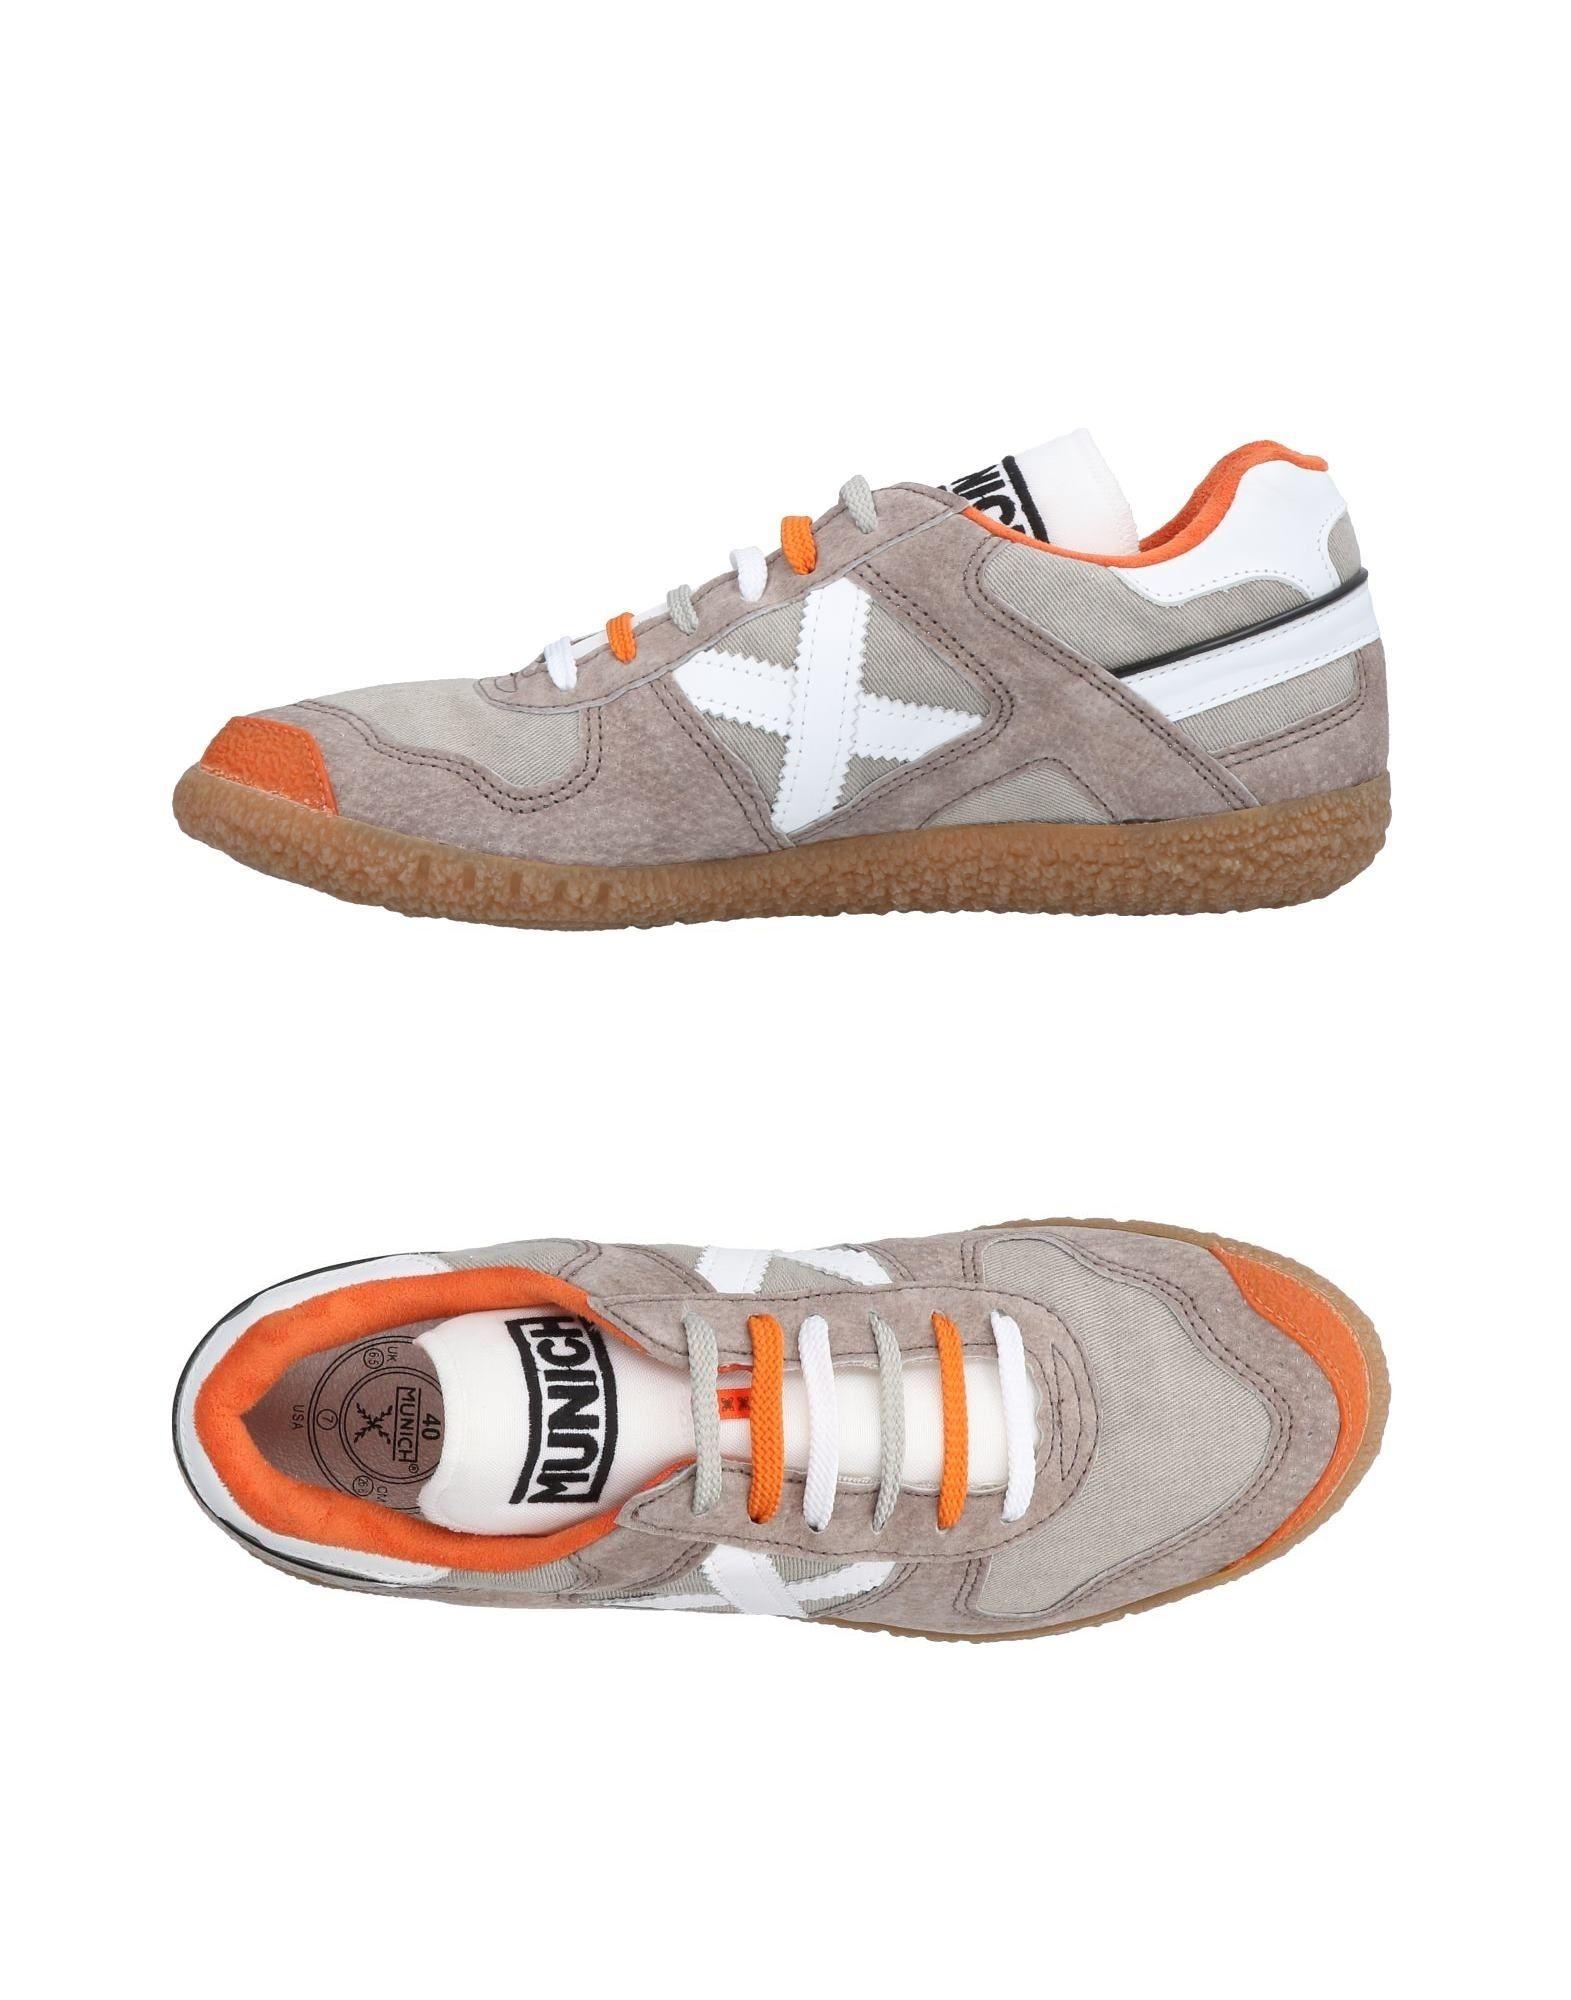 Munich Munich  Sneakers Damen  11454306JM dc6830